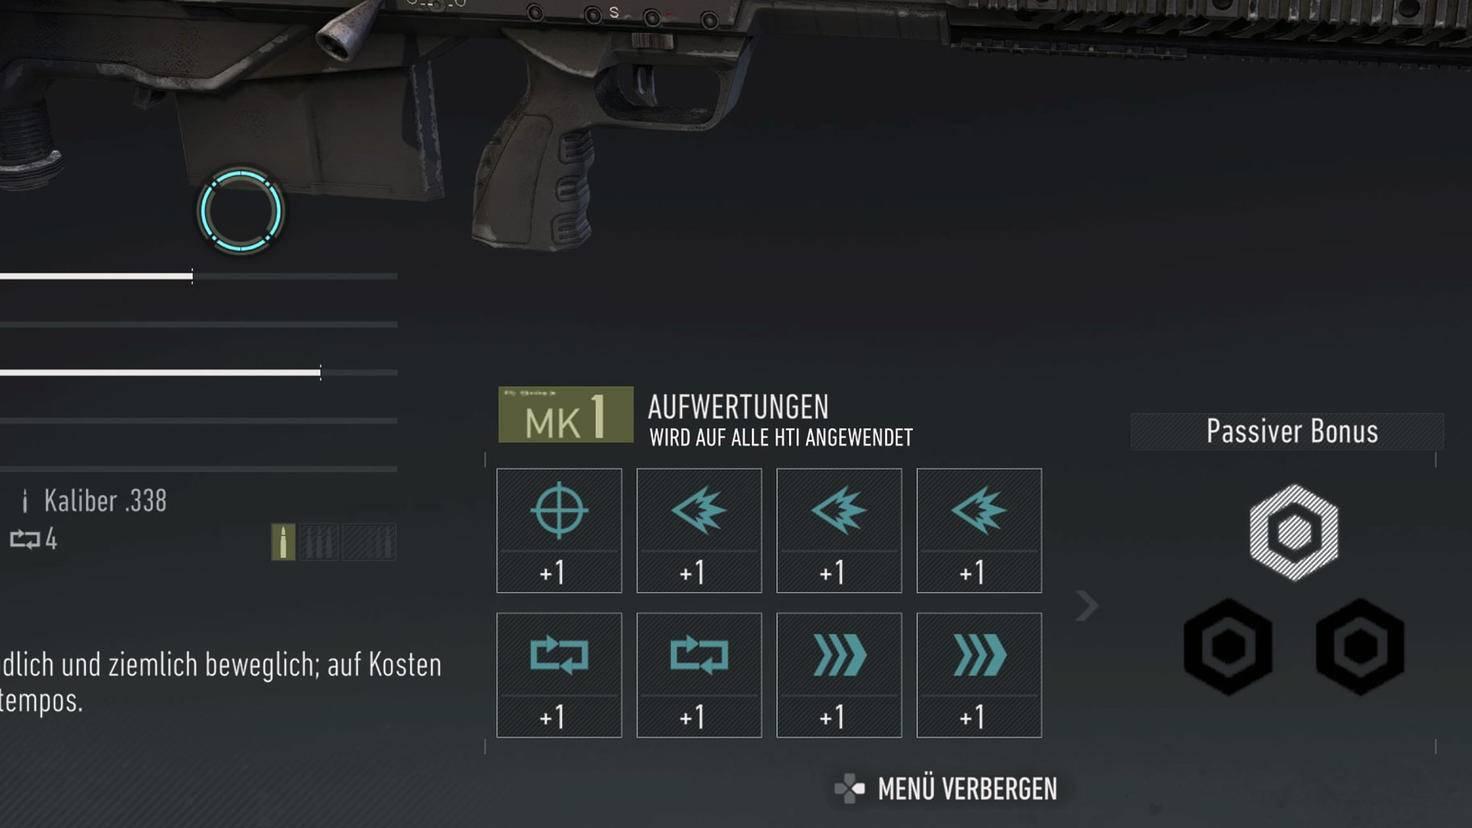 ghost-recon-breakpoint-gunsmith-aufwertungen